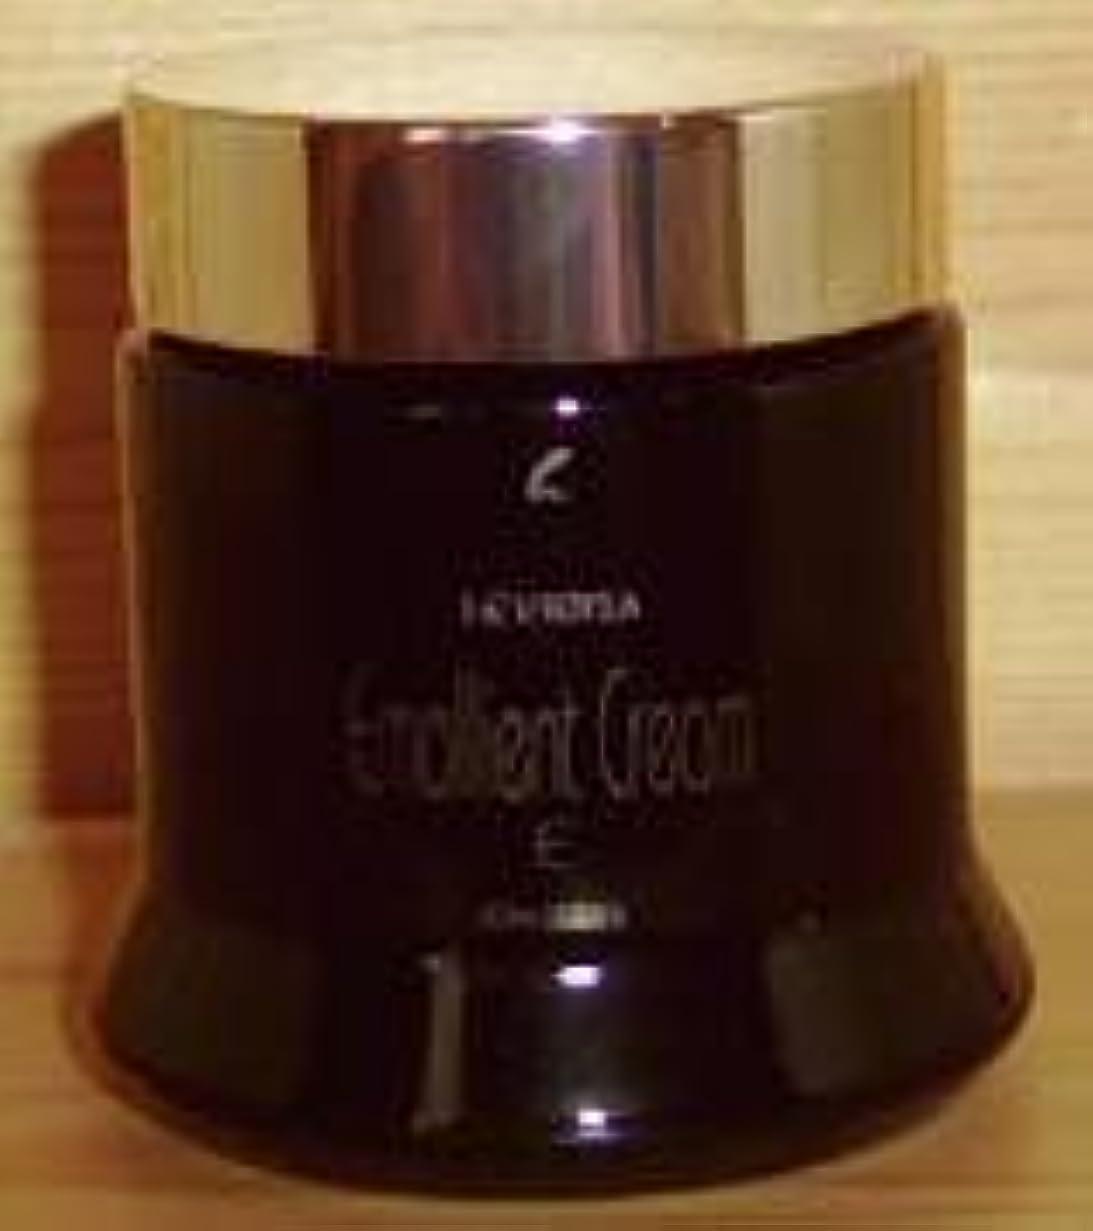 予言するパステル模倣レビオナ化粧品エモリエントクリームE 天然イオン配合